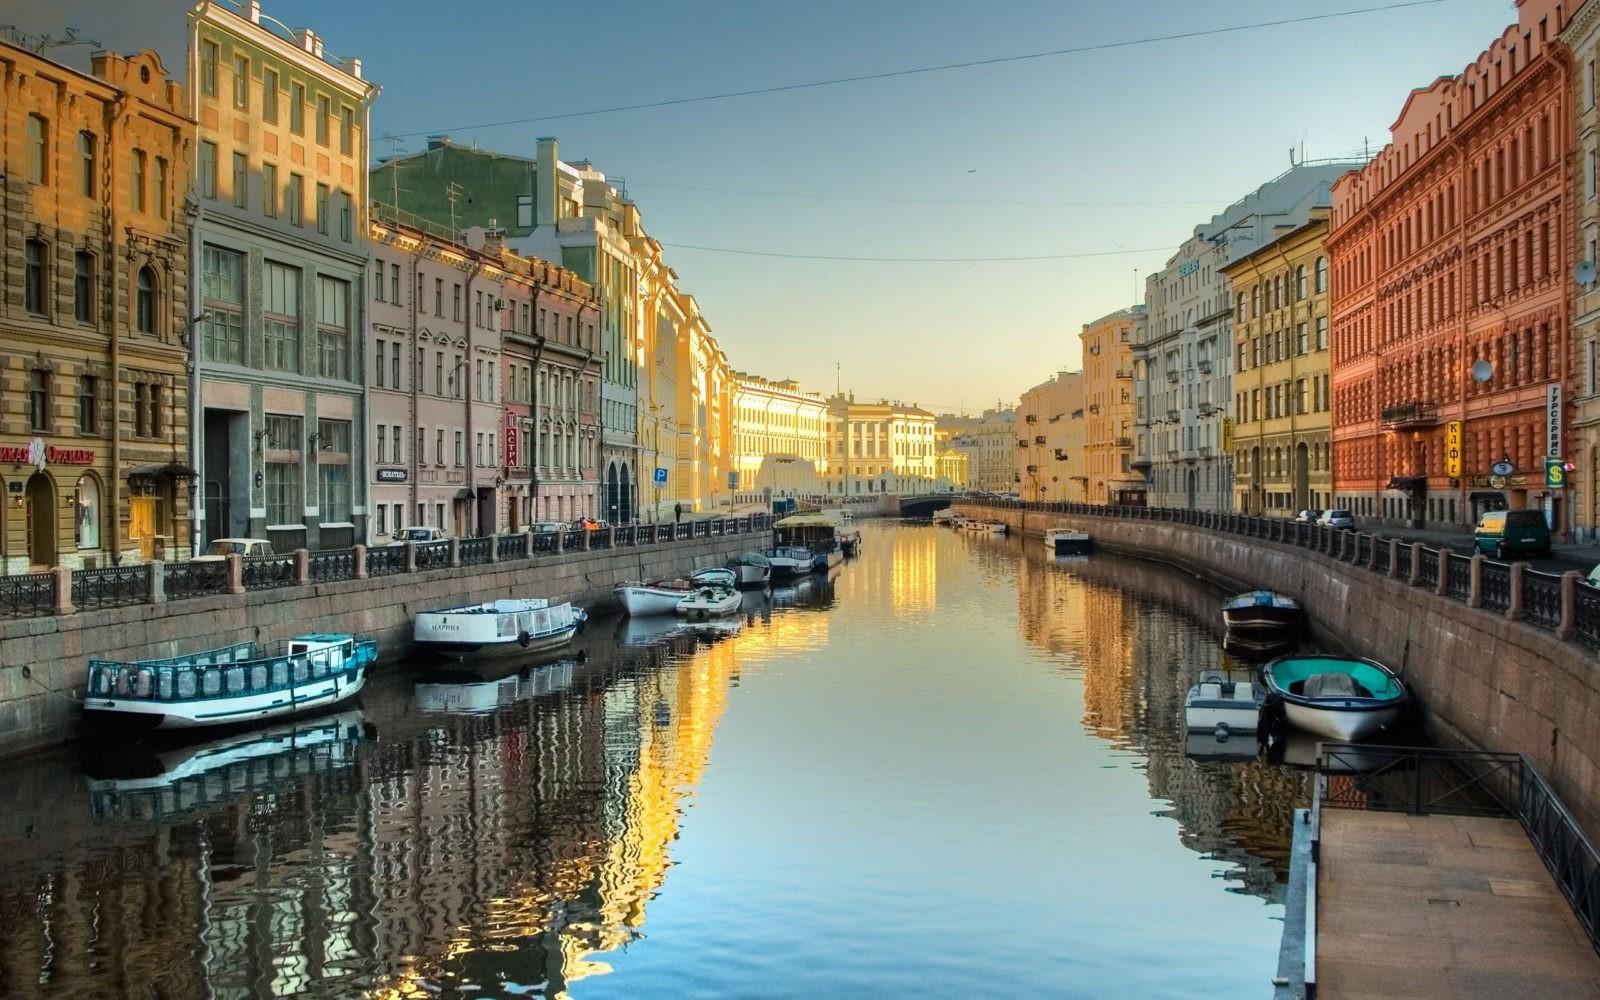 Петербург стал самым популярным туристическим направлением России и мира